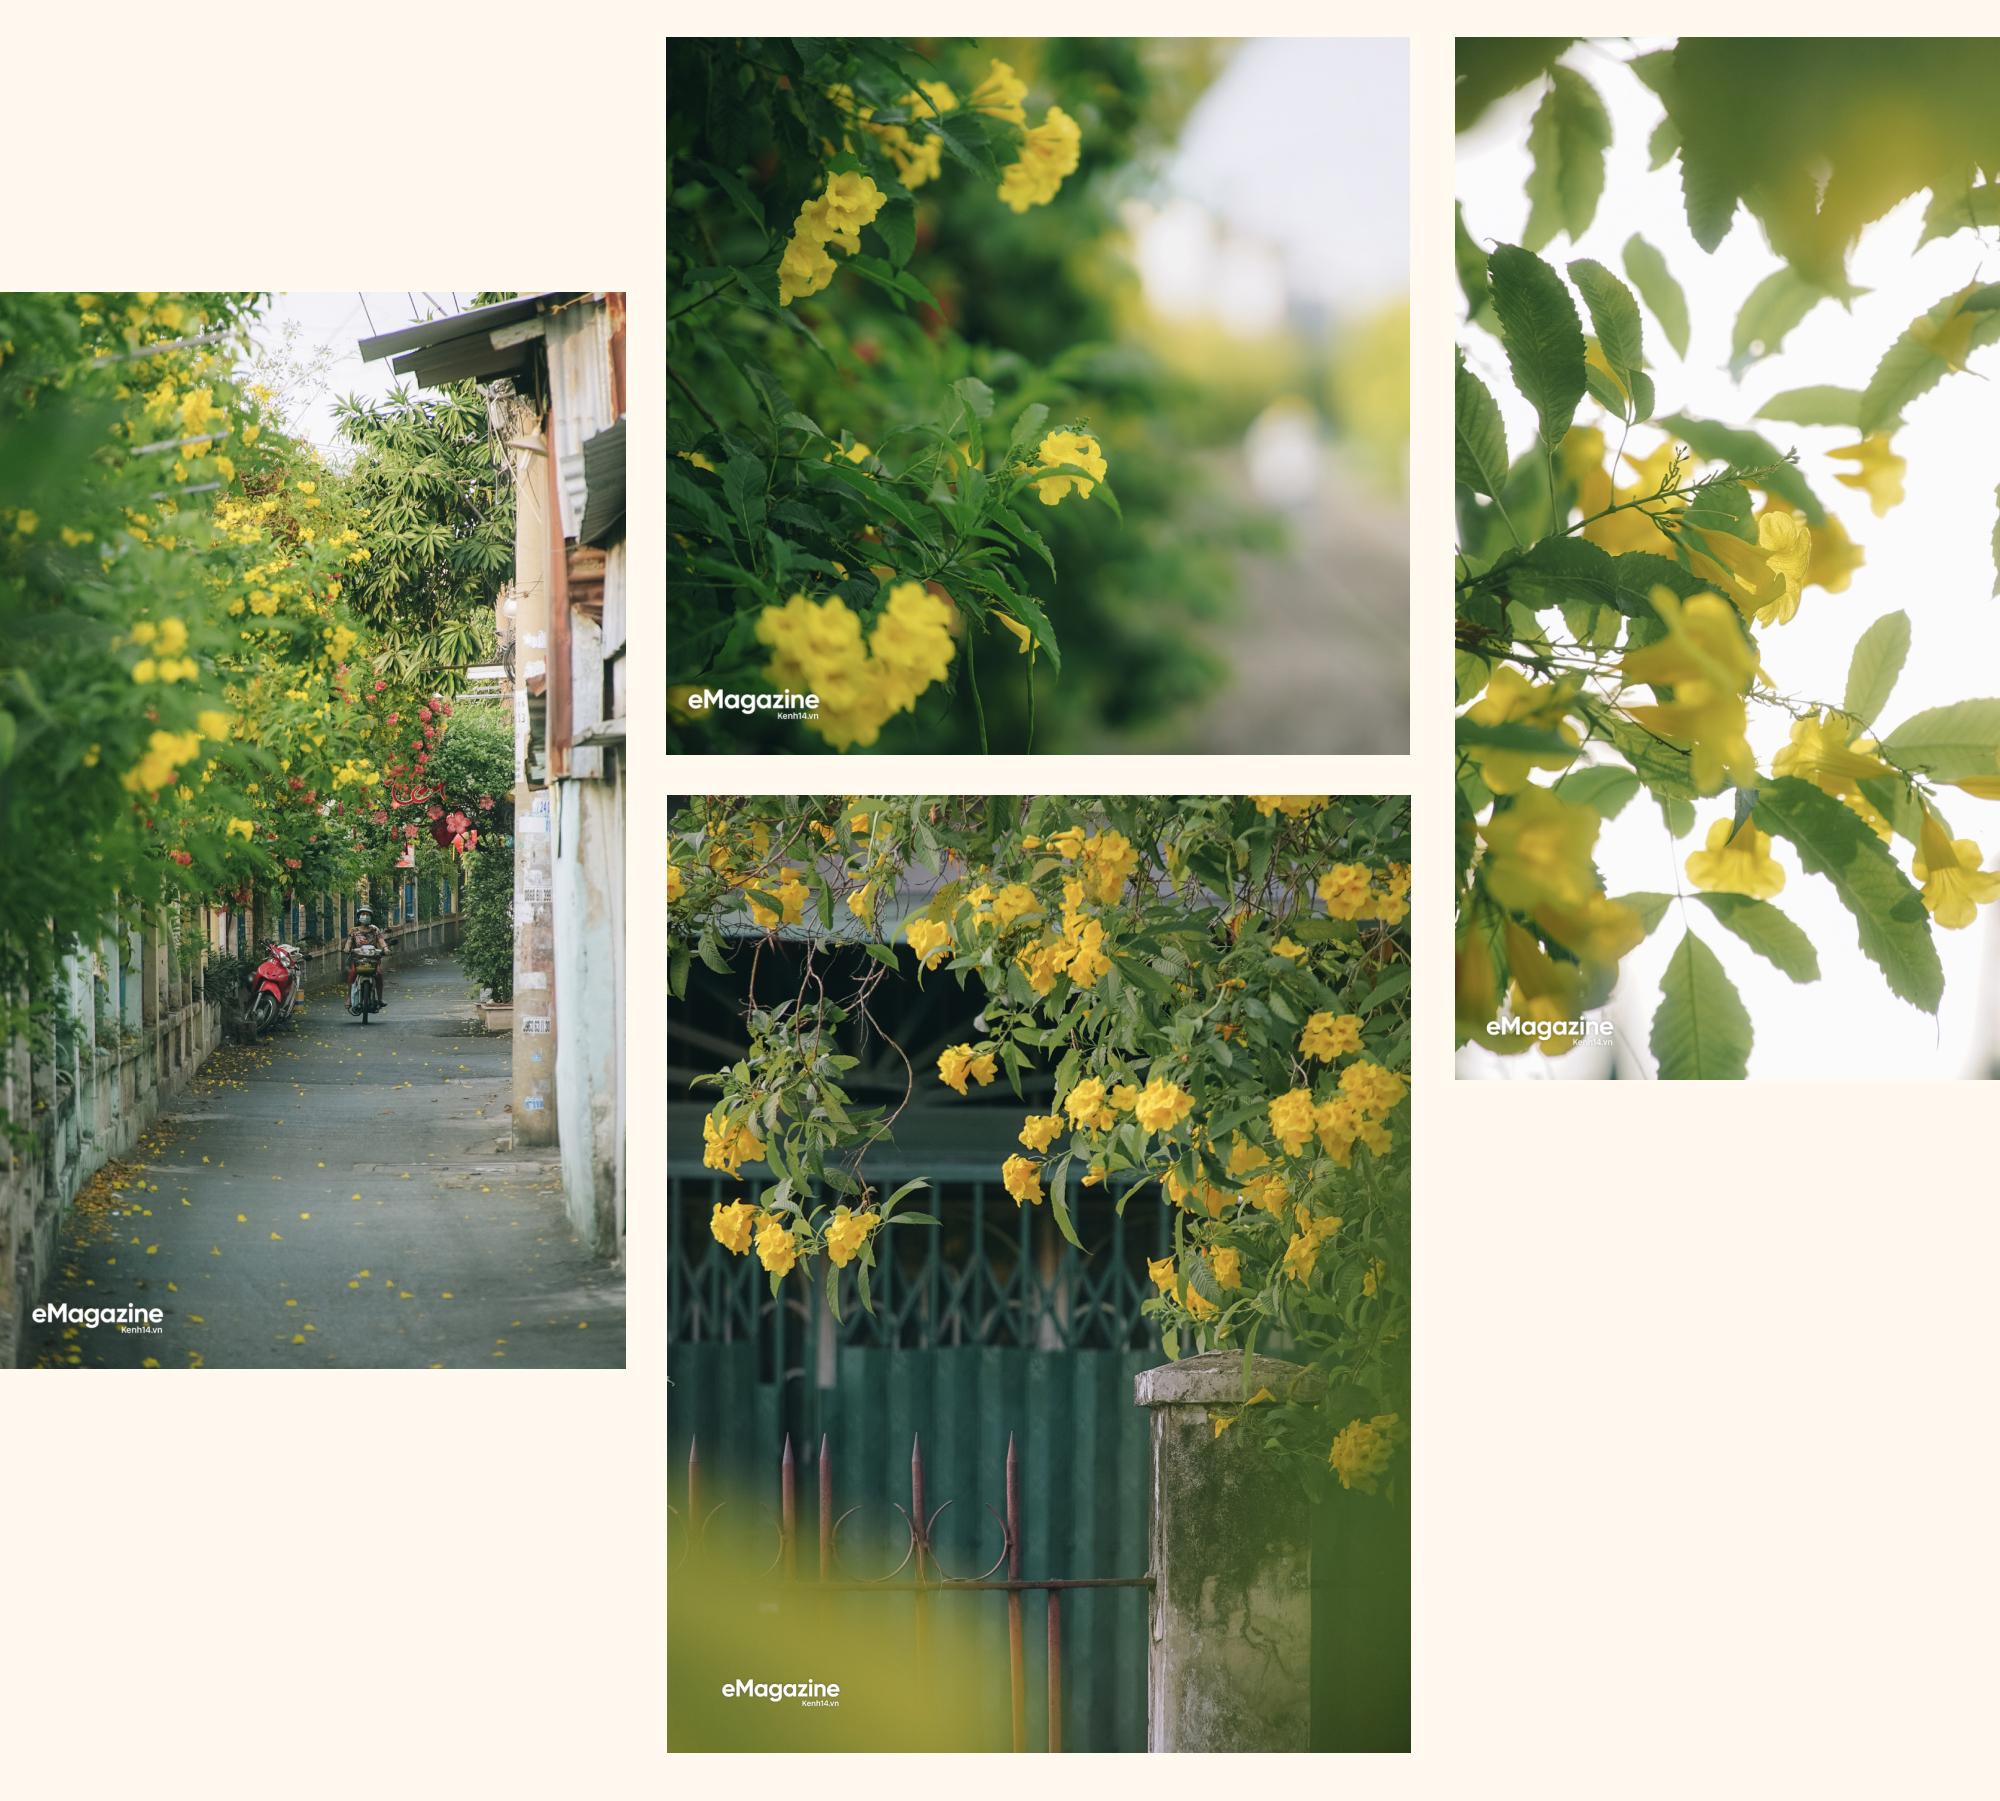 Hà Nội, Sài Gòn những ngày giao mùa: Hoa bay rợp trời làm lòng mình dịu lại - Ảnh 13.